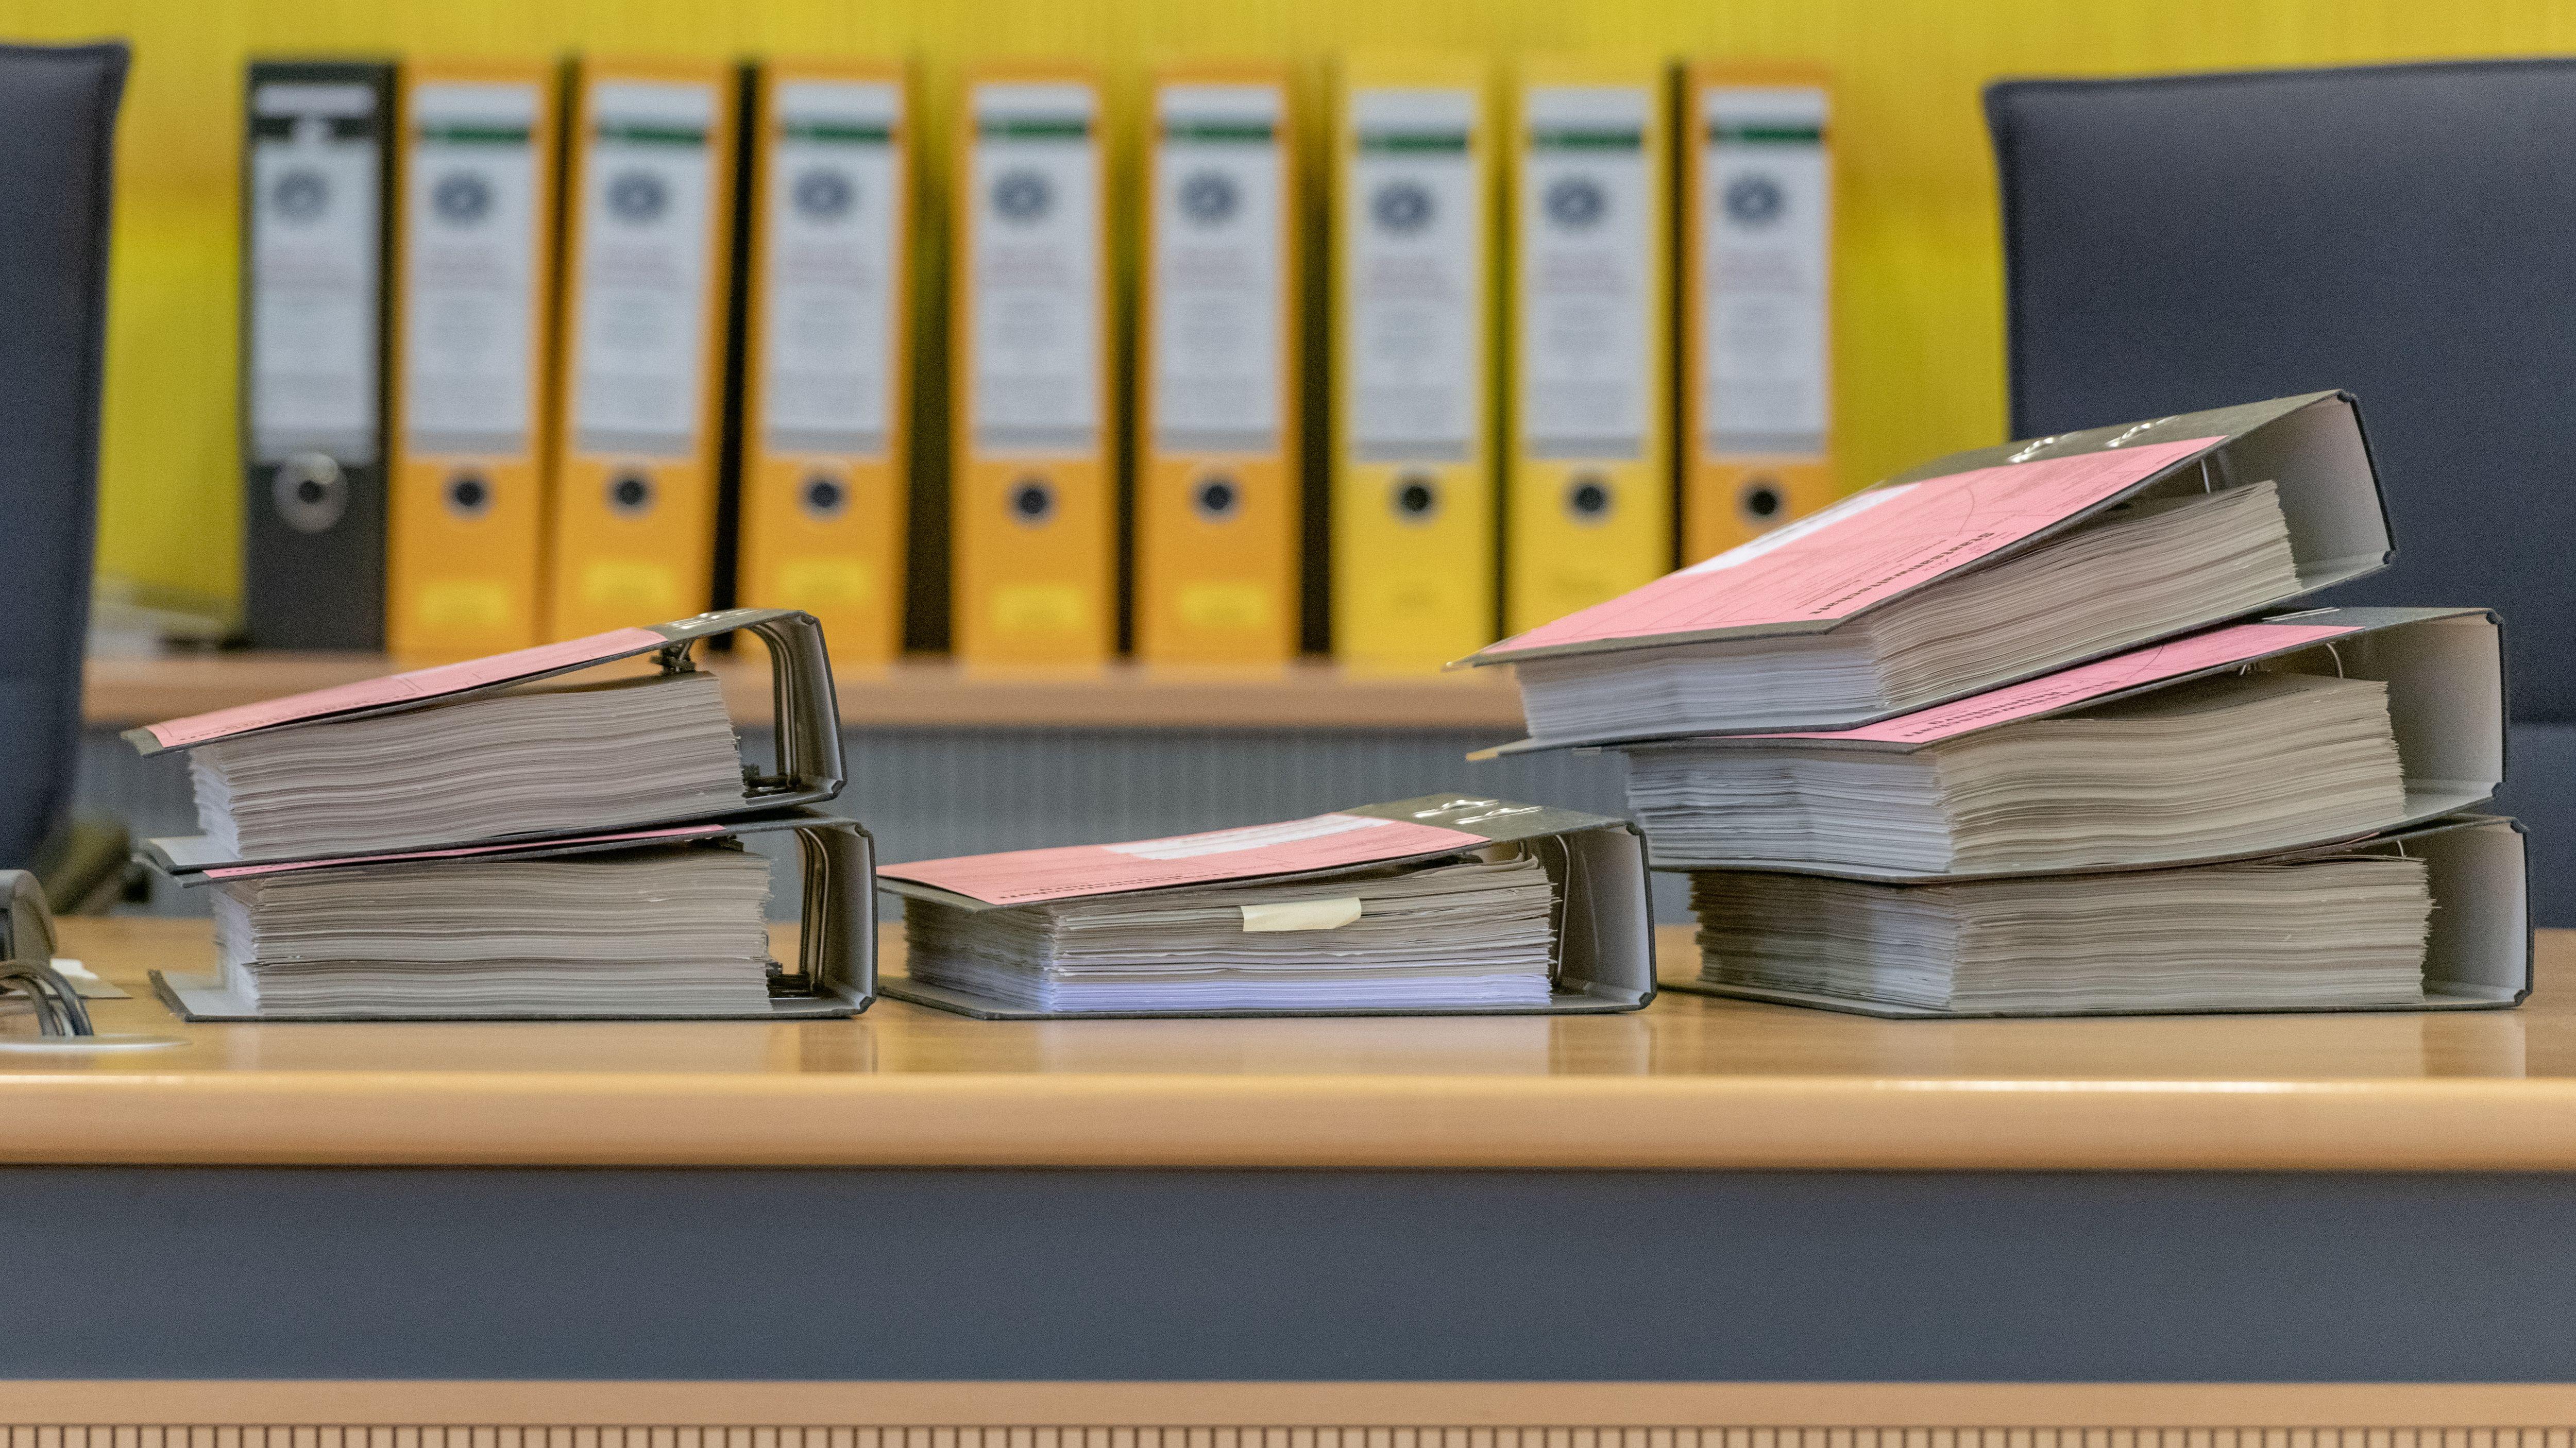 Der Prozess um die mutmaßliche Fälschung der Kommunalwahl von Geiselhöring beginnt am 4. November. Ein Urteil könnte im Dezember fallen.